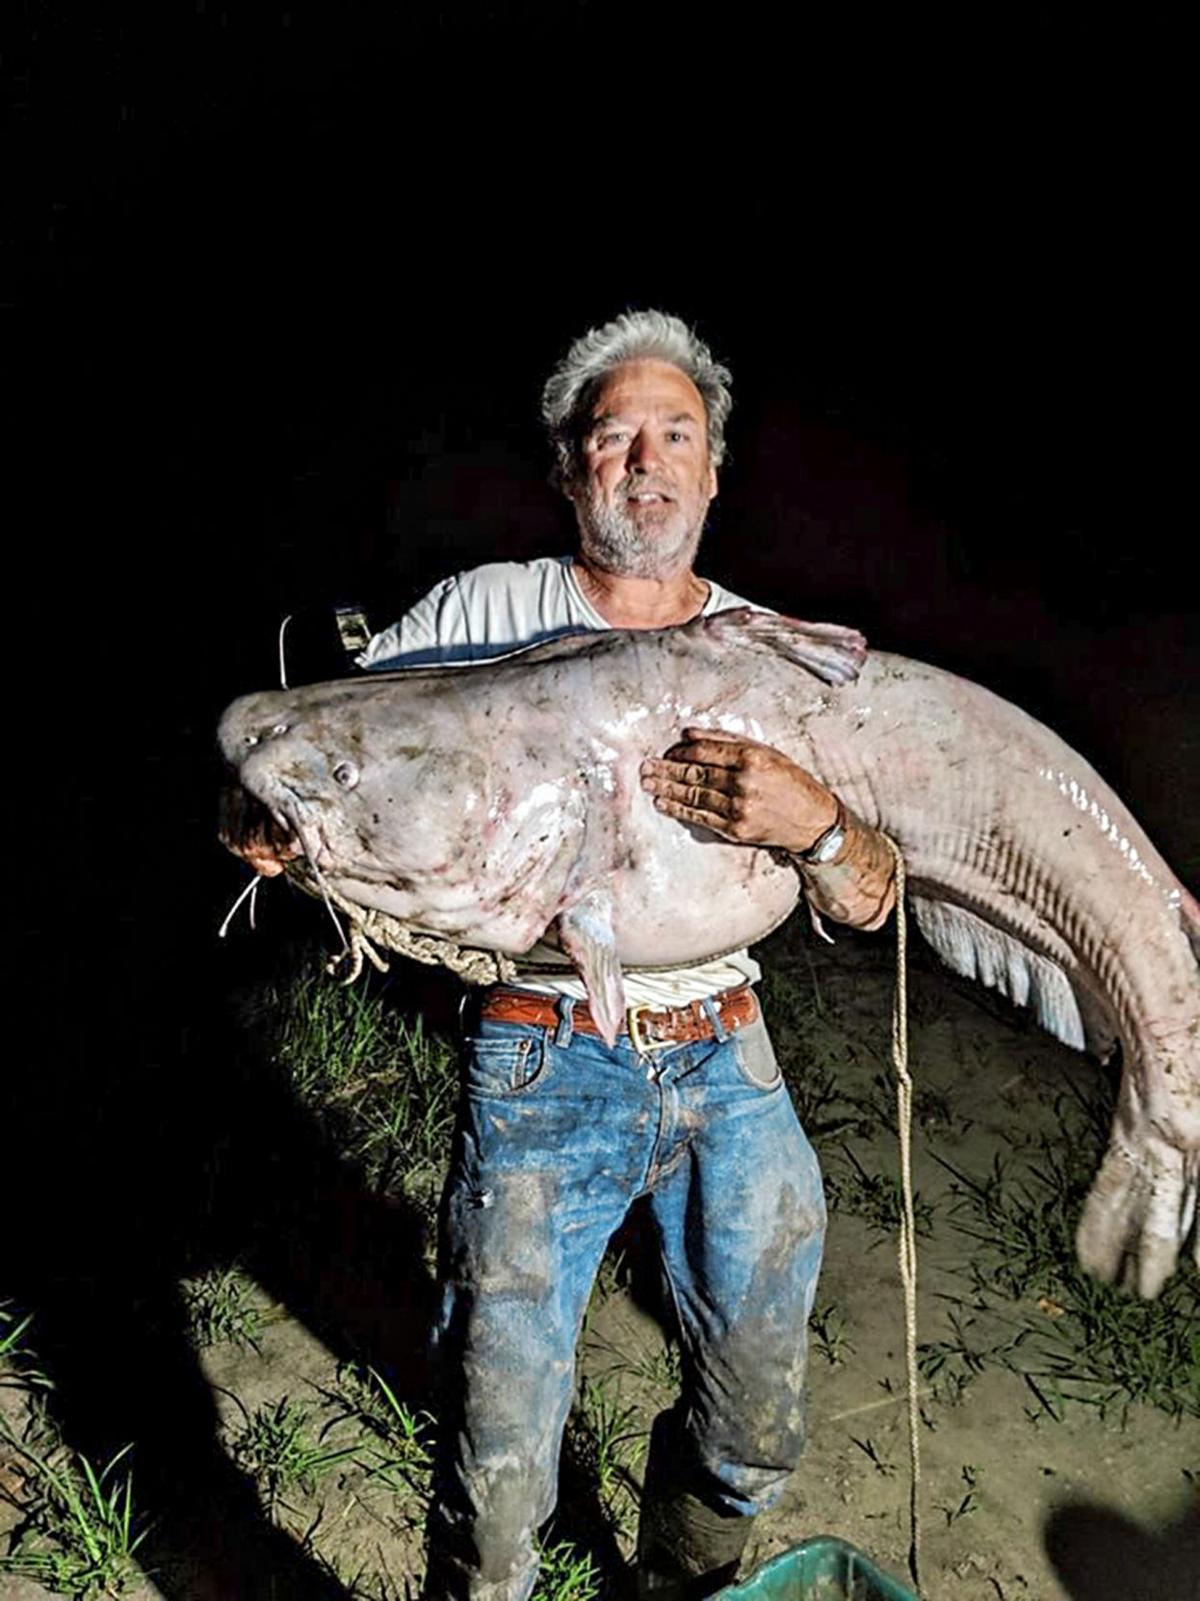 Darrell Carter's catfish